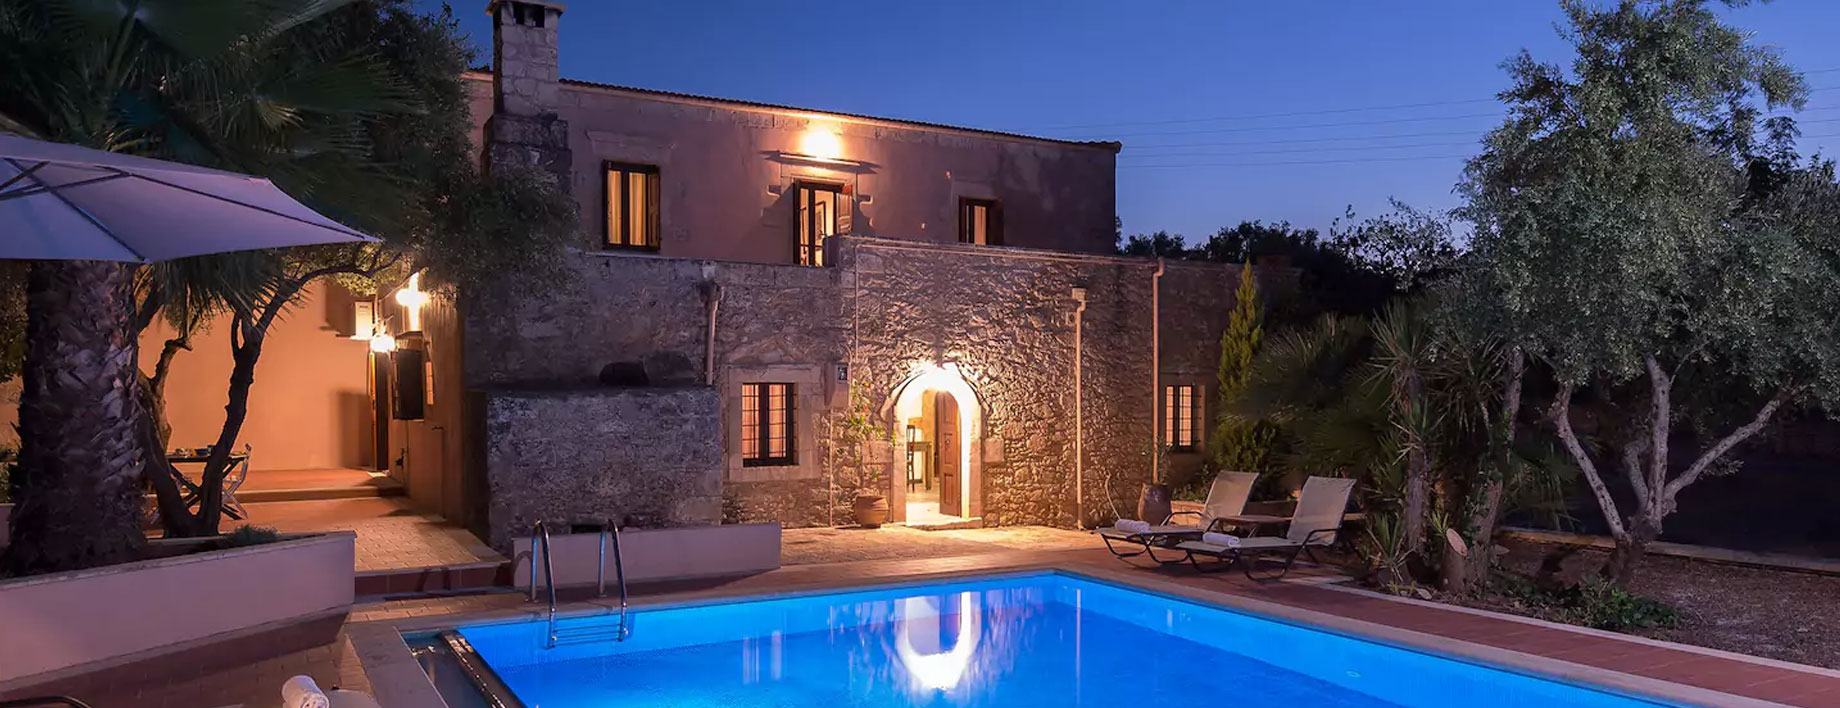 ImmobiliaRE-Veio-villa-con-piscina